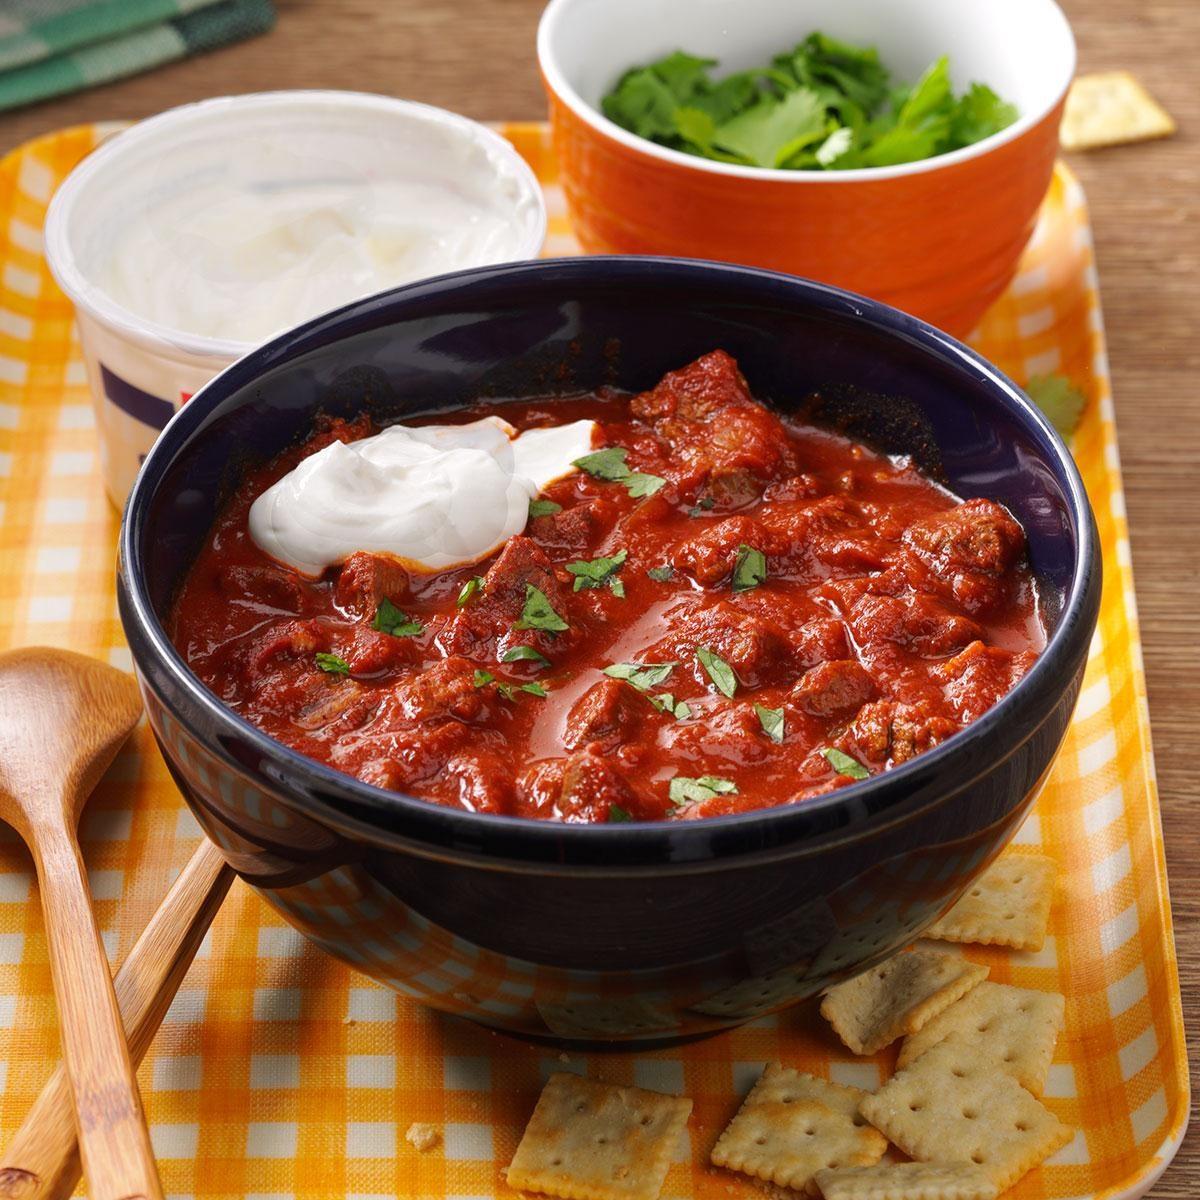 Chipotle Beef Chili Recipe